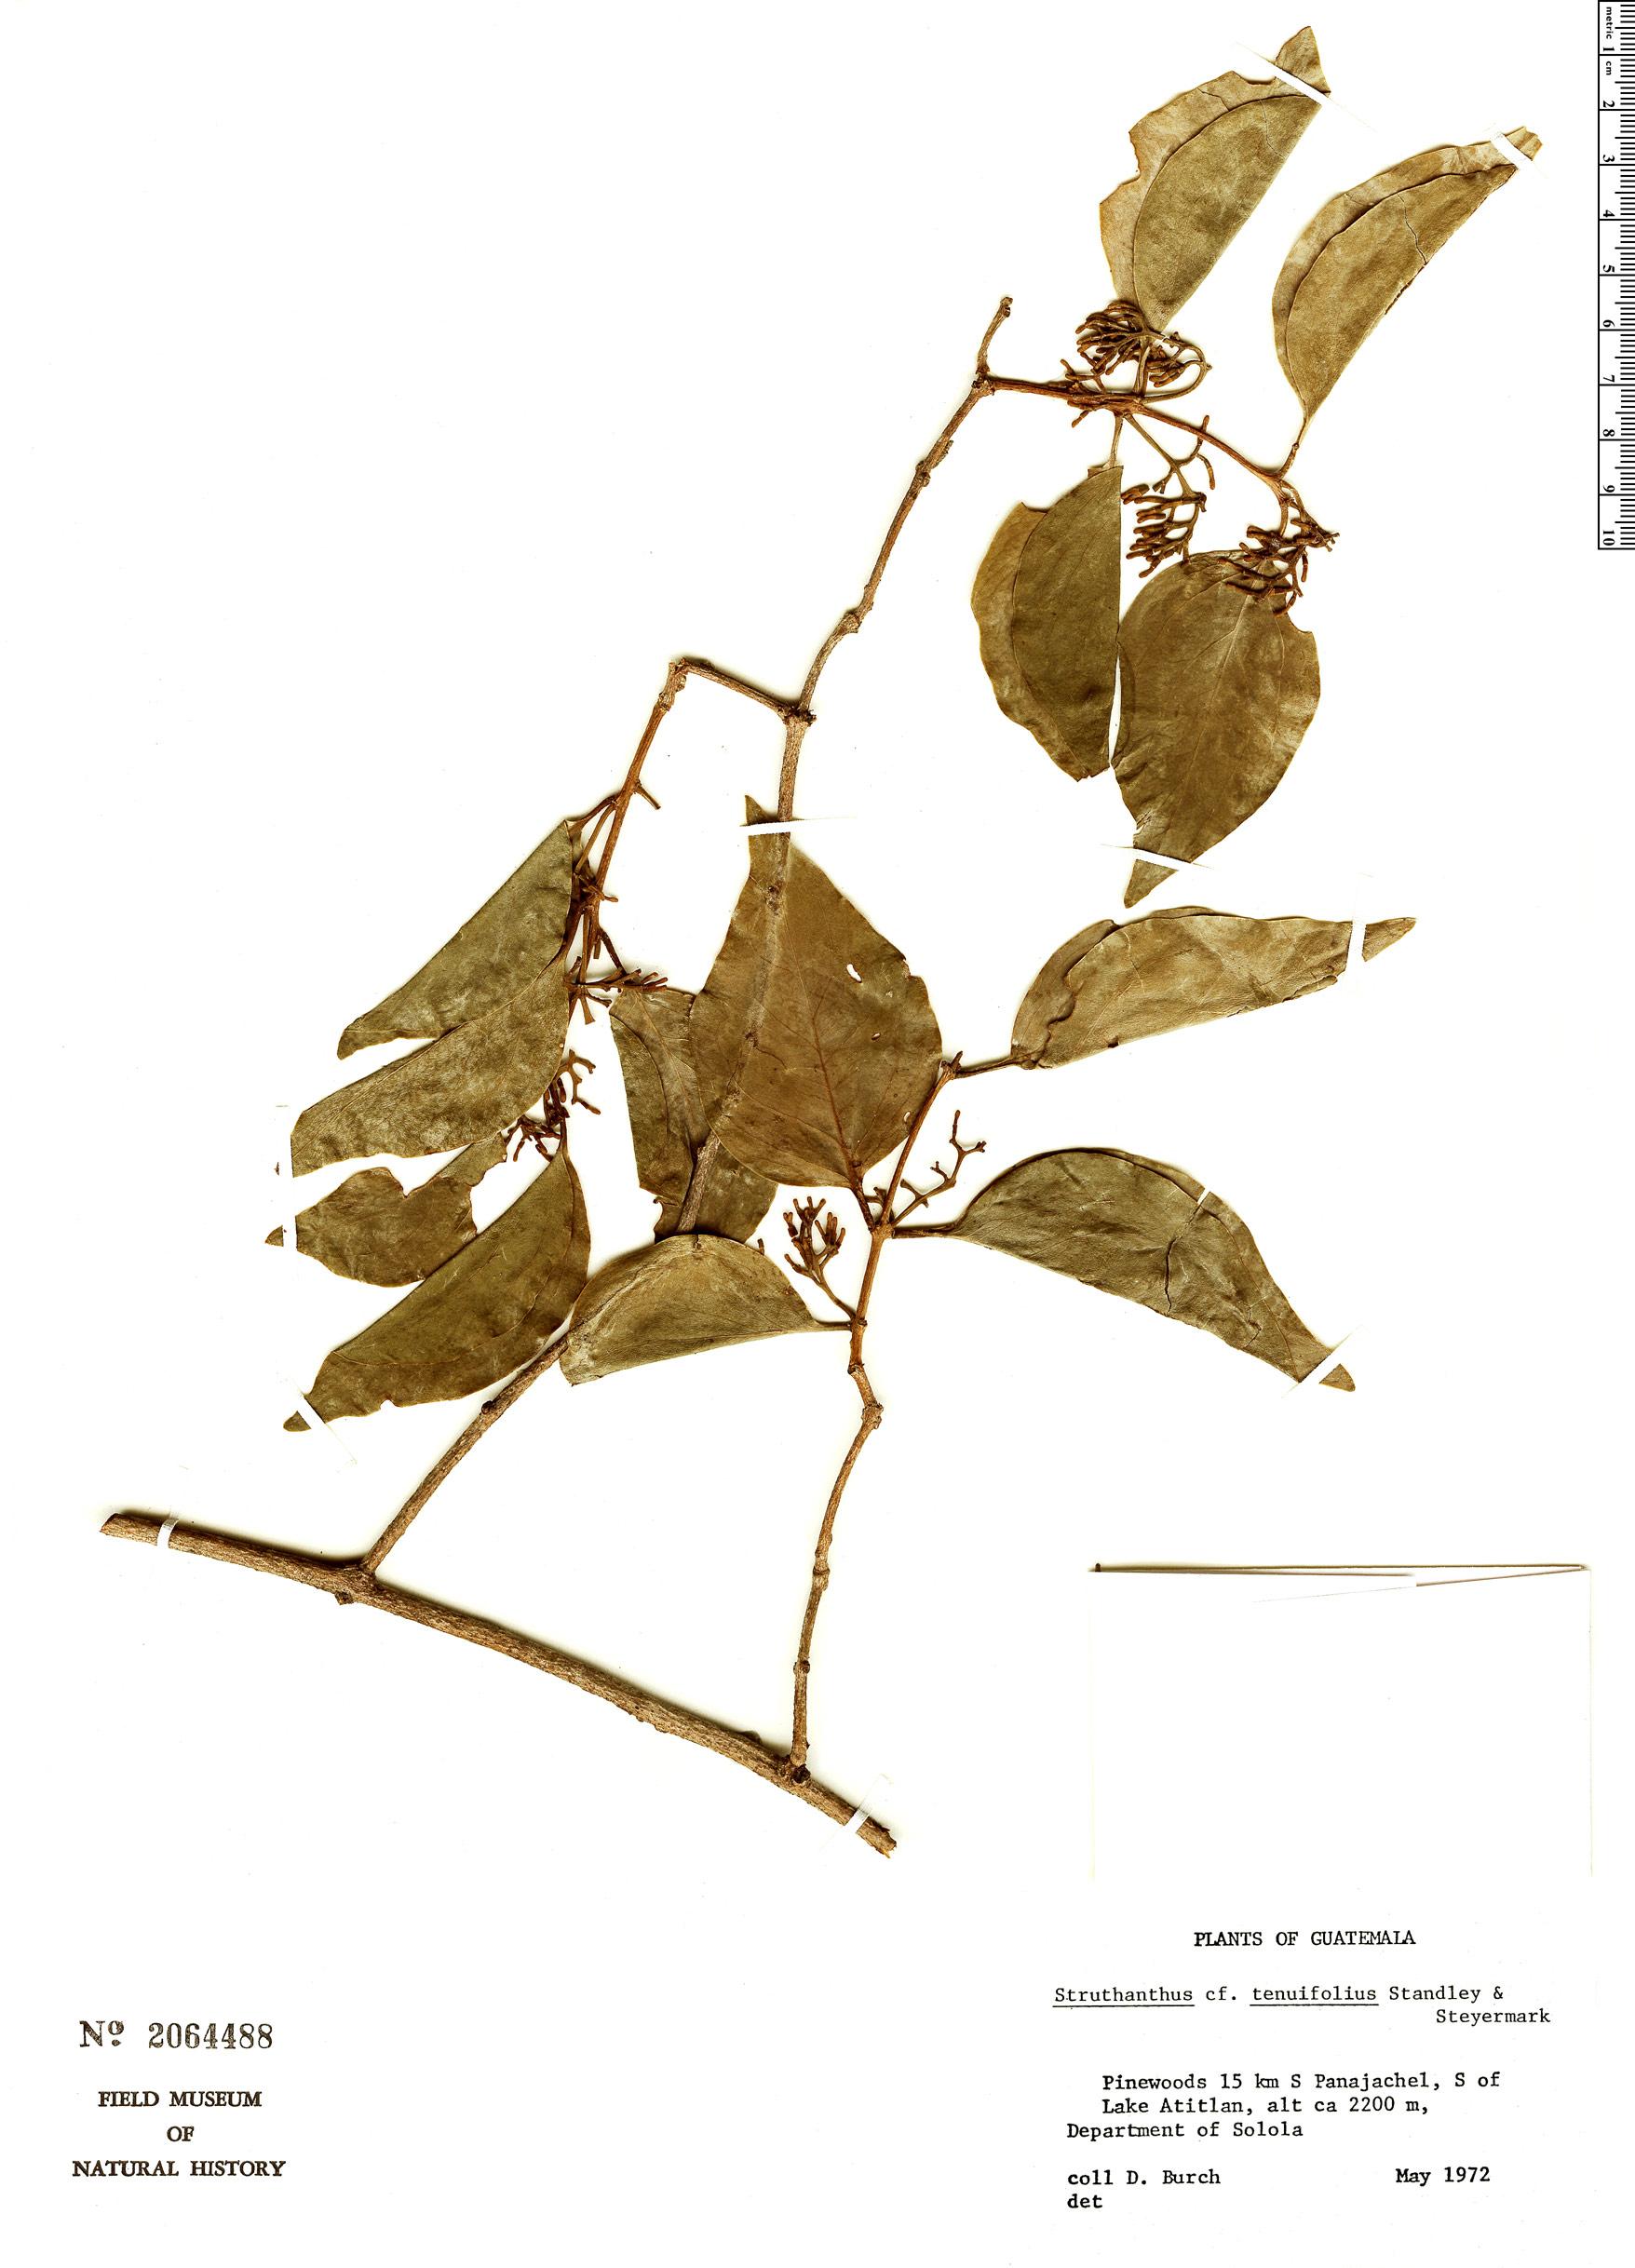 Specimen: Struthanthus tenuifolius